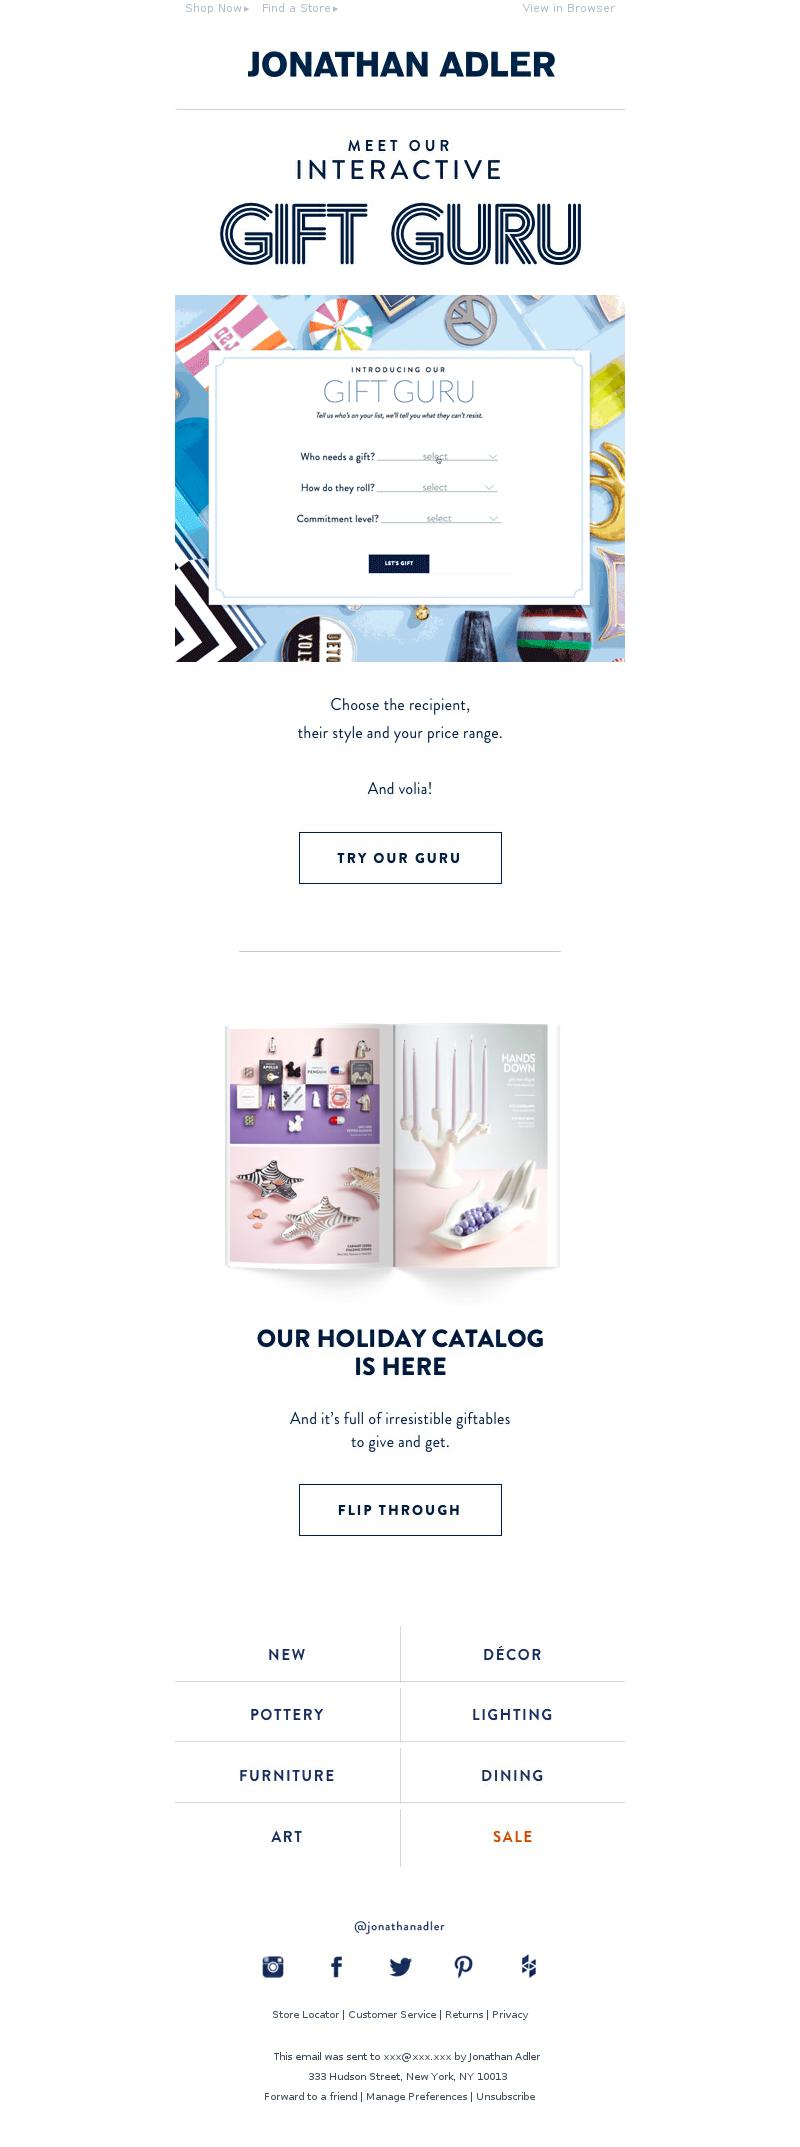 Christmas email newsletter example from Jonathan Adler